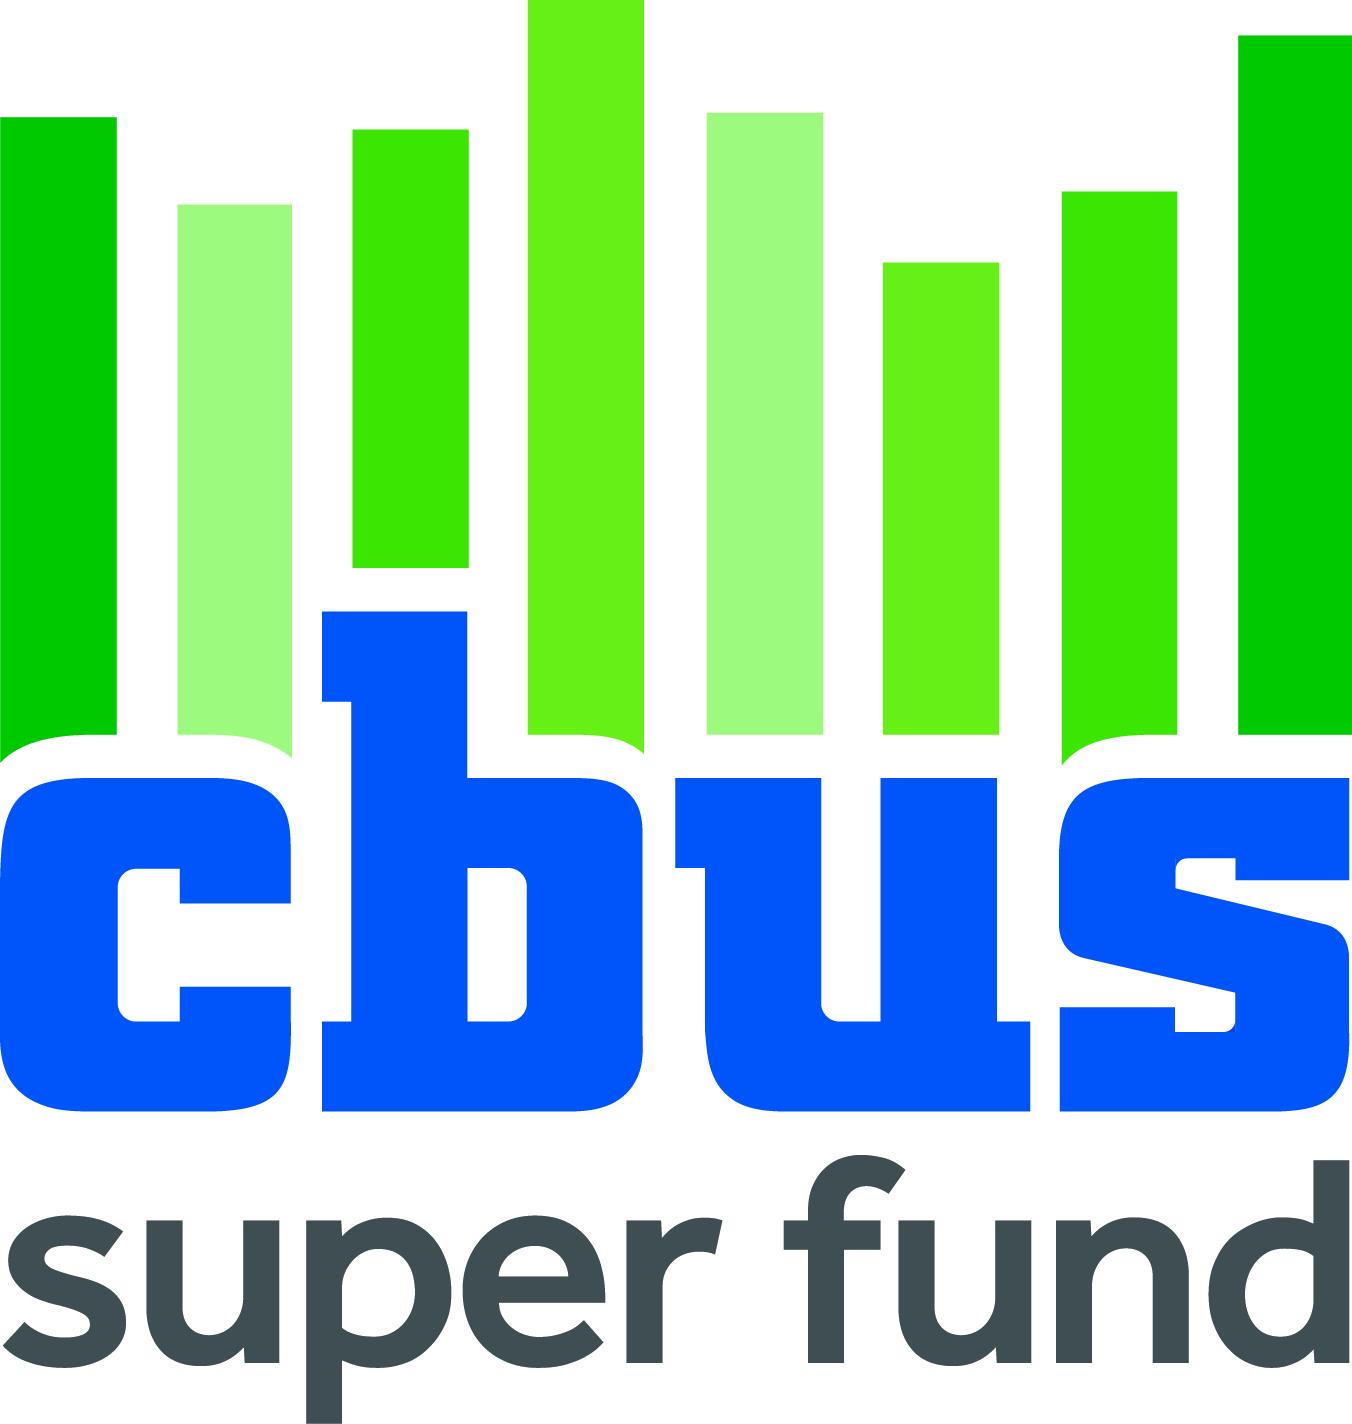 CBUS_SuperFund_logo